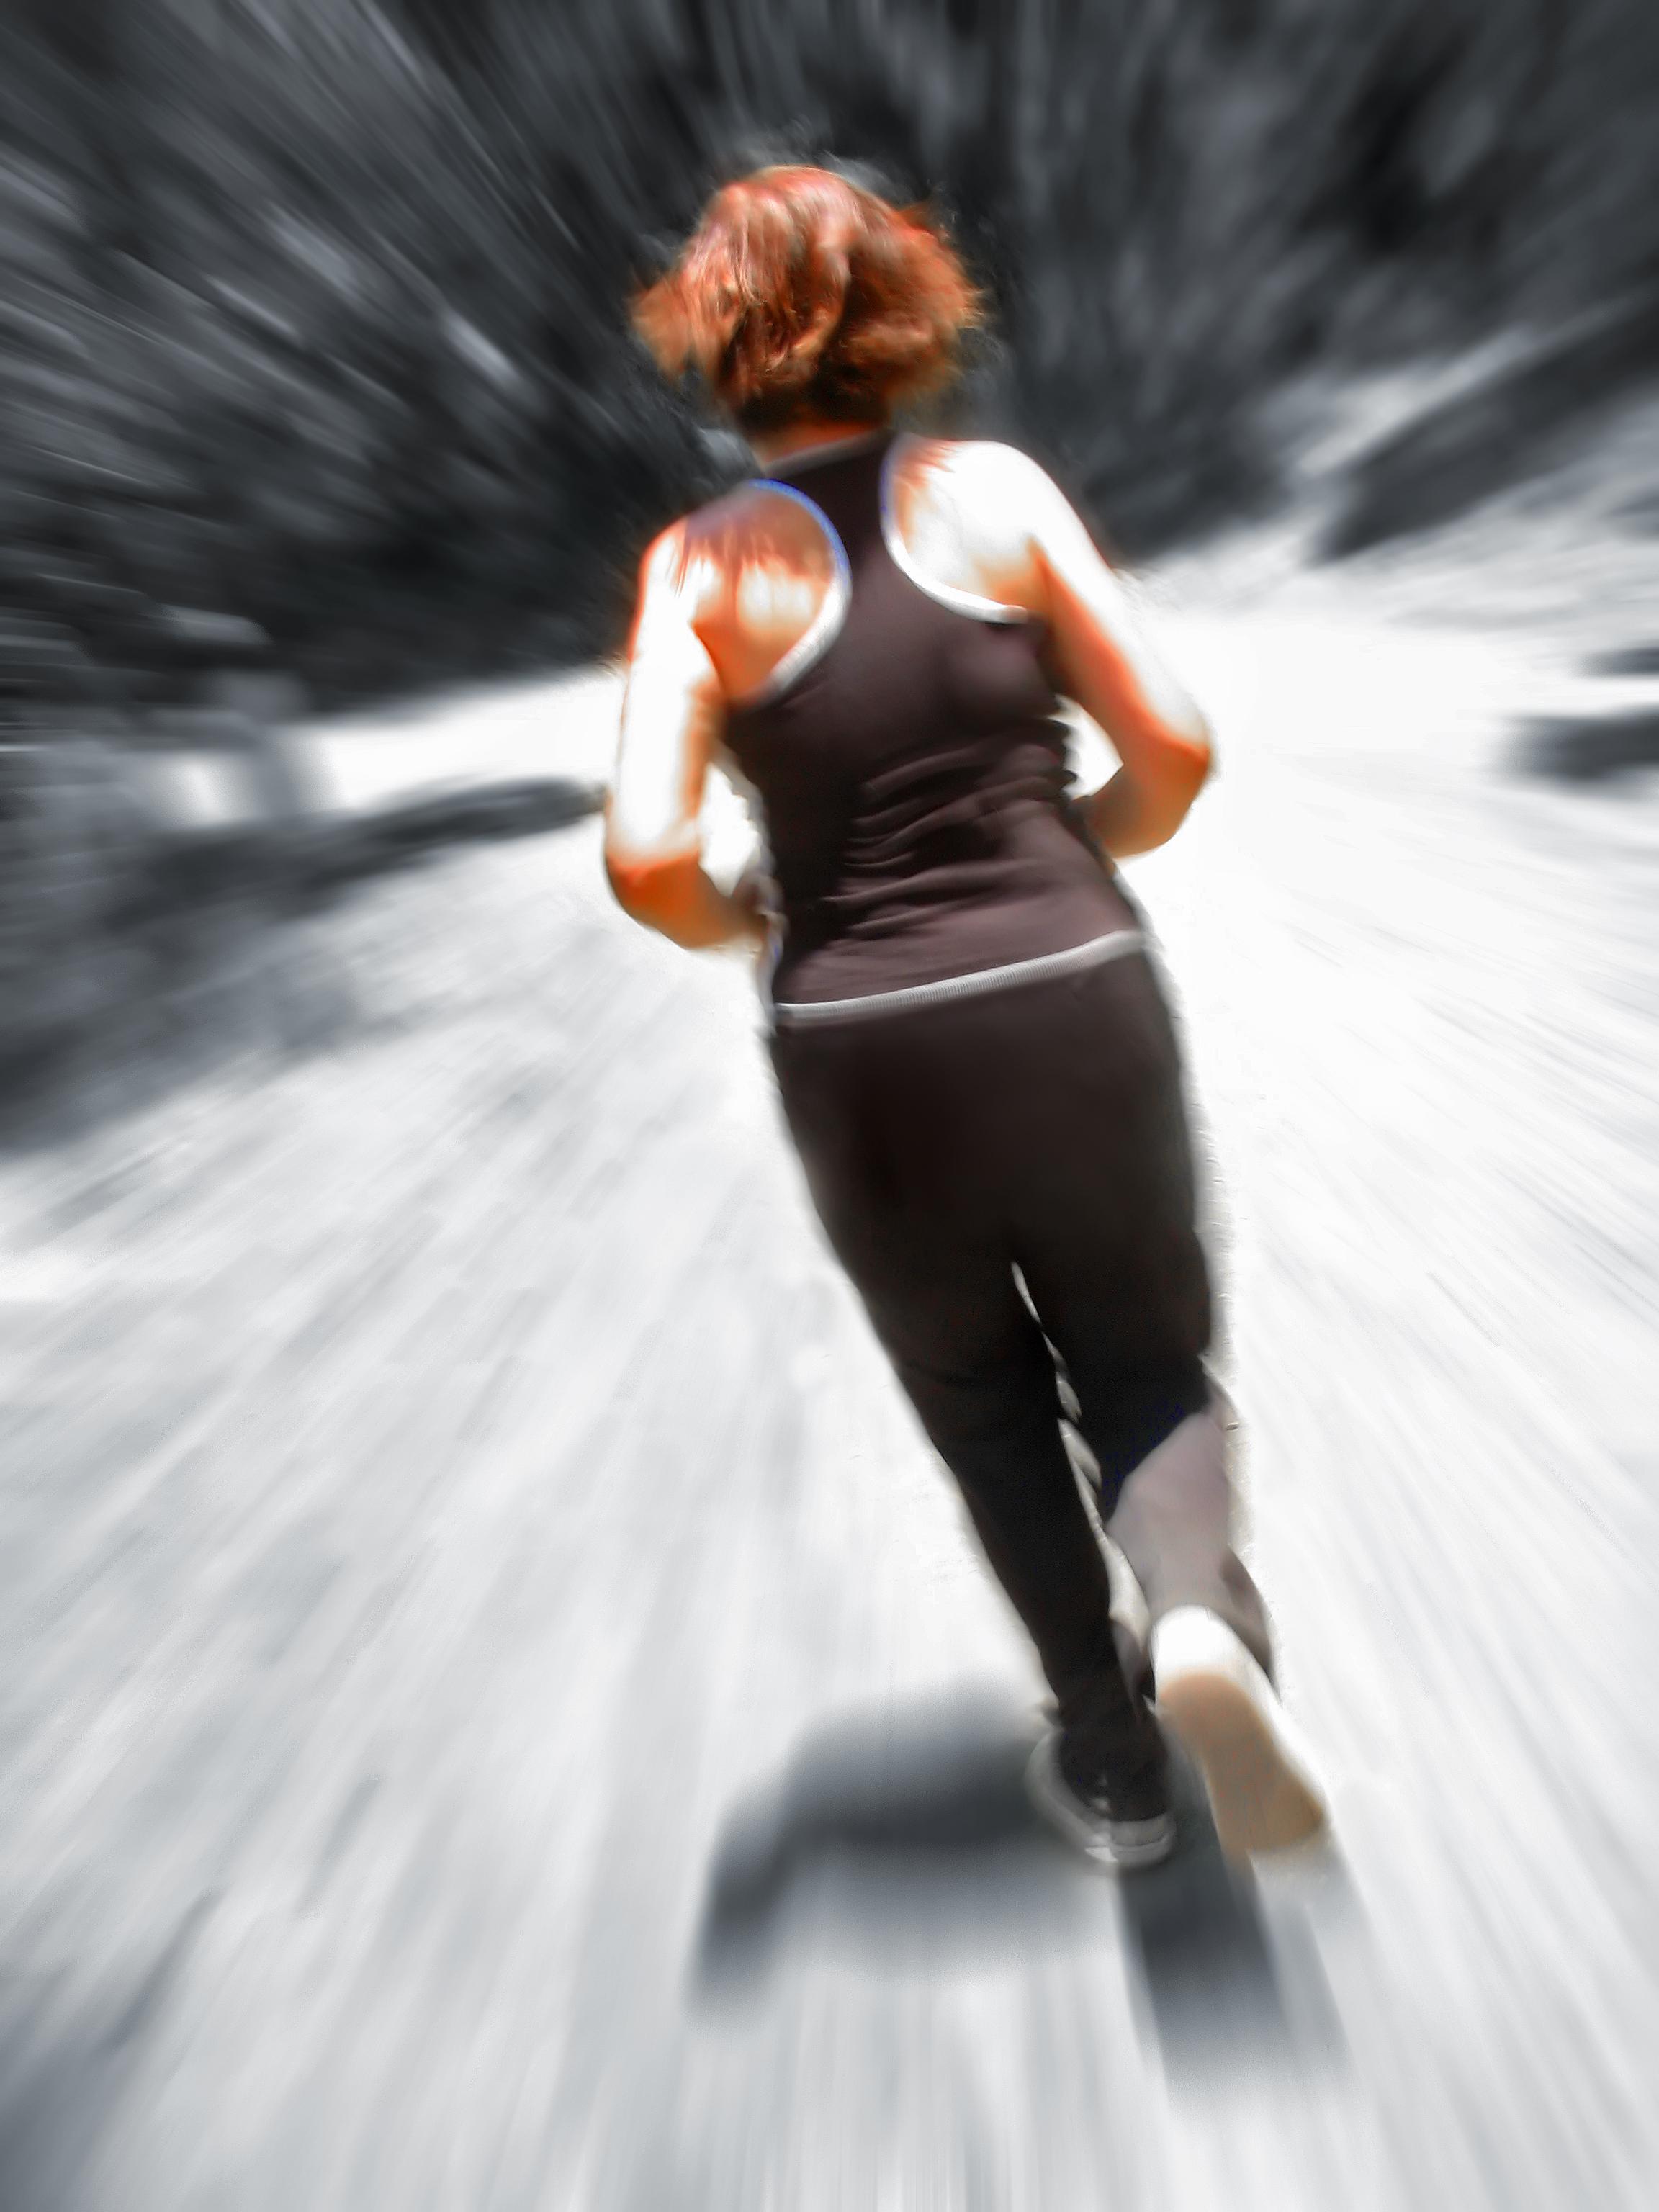 Gesunde Gewohnheiten: Bewegung